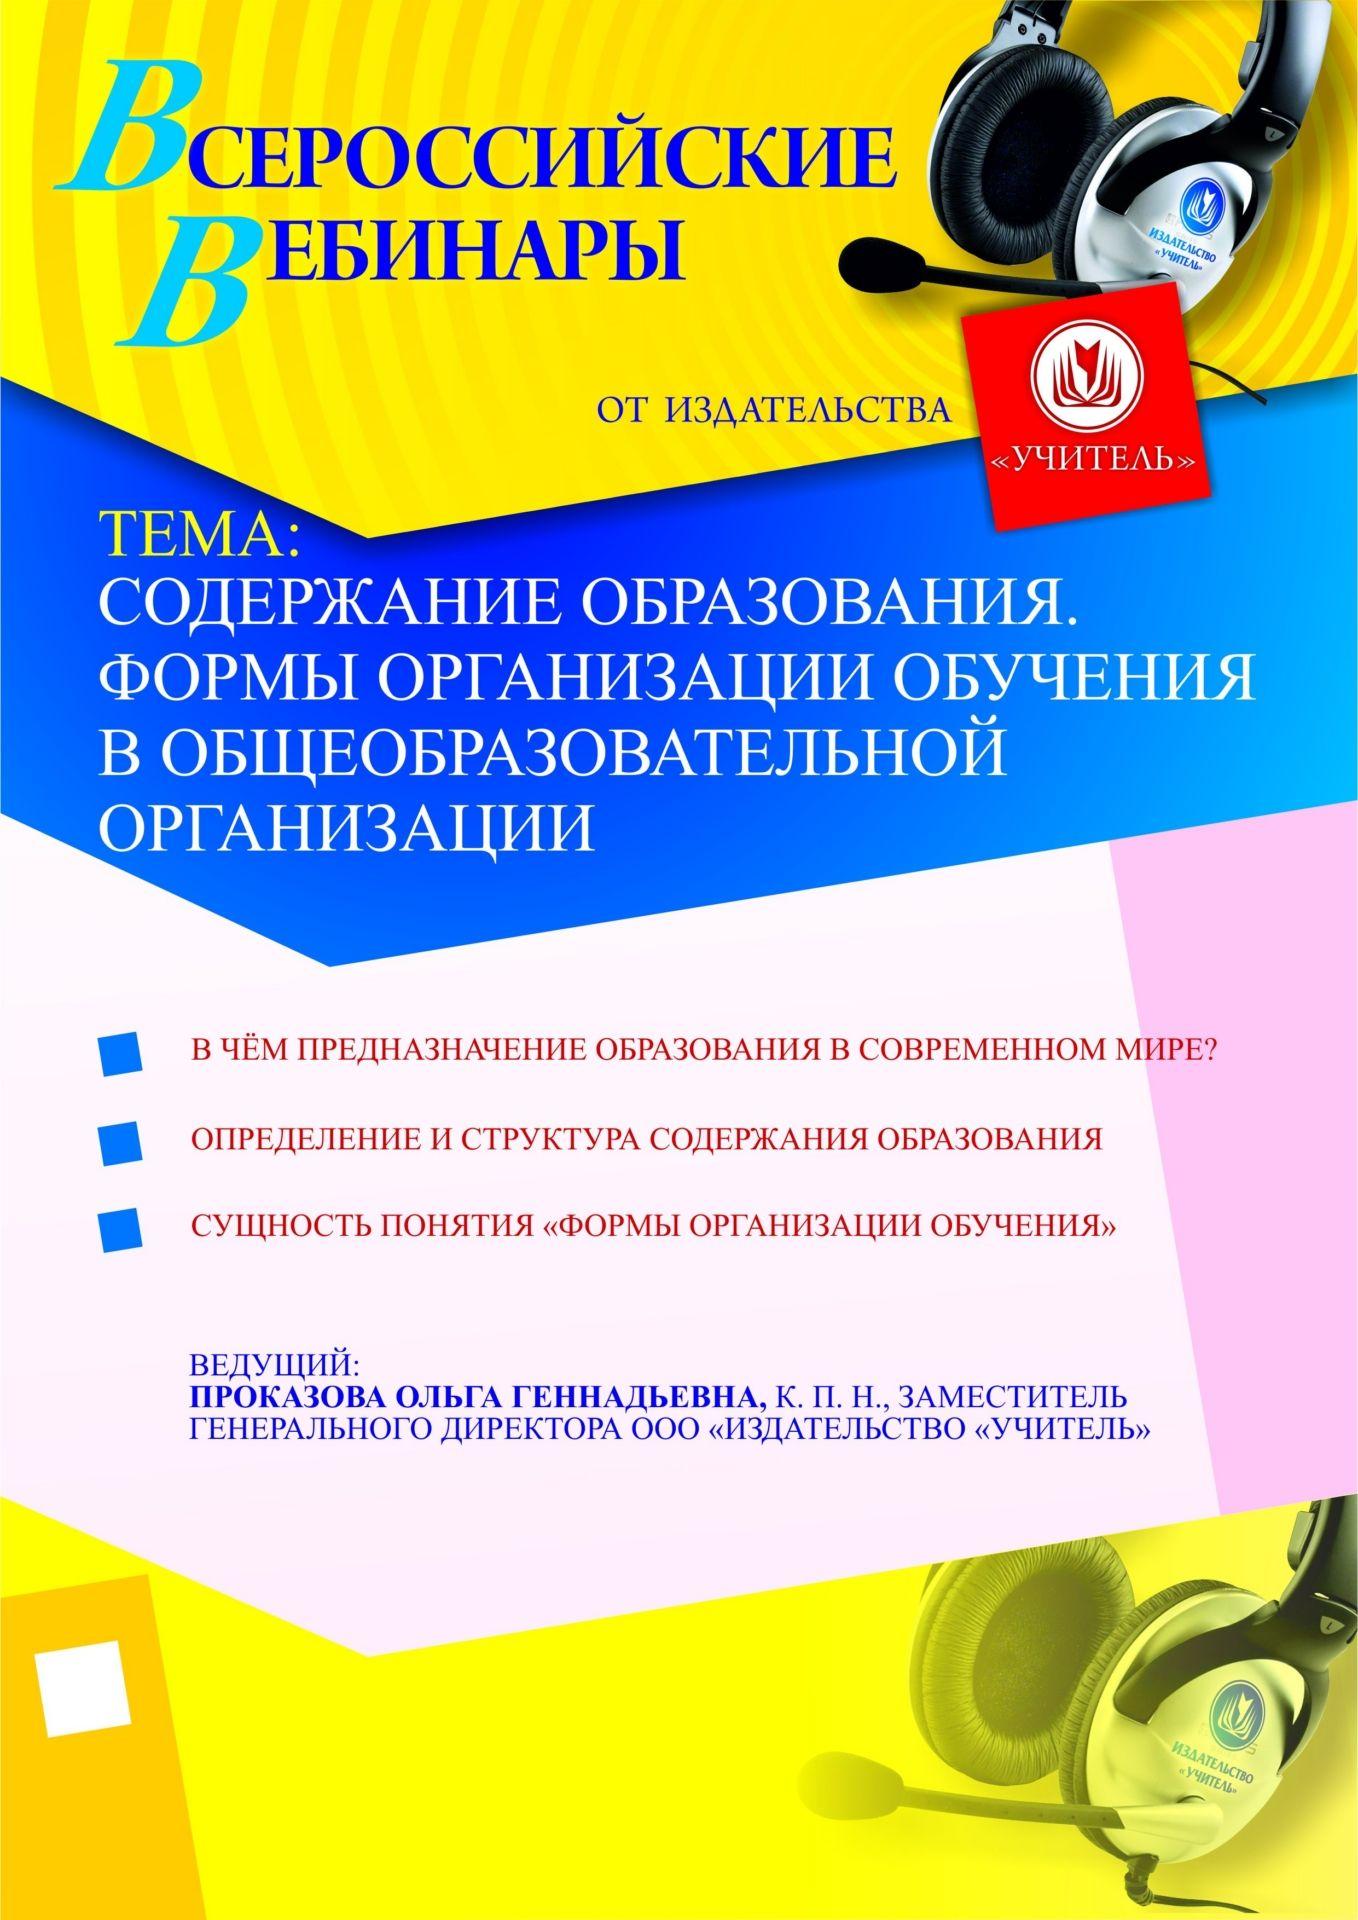 Содержание образования. Формы организации обучения в общеобразовательной организации фото